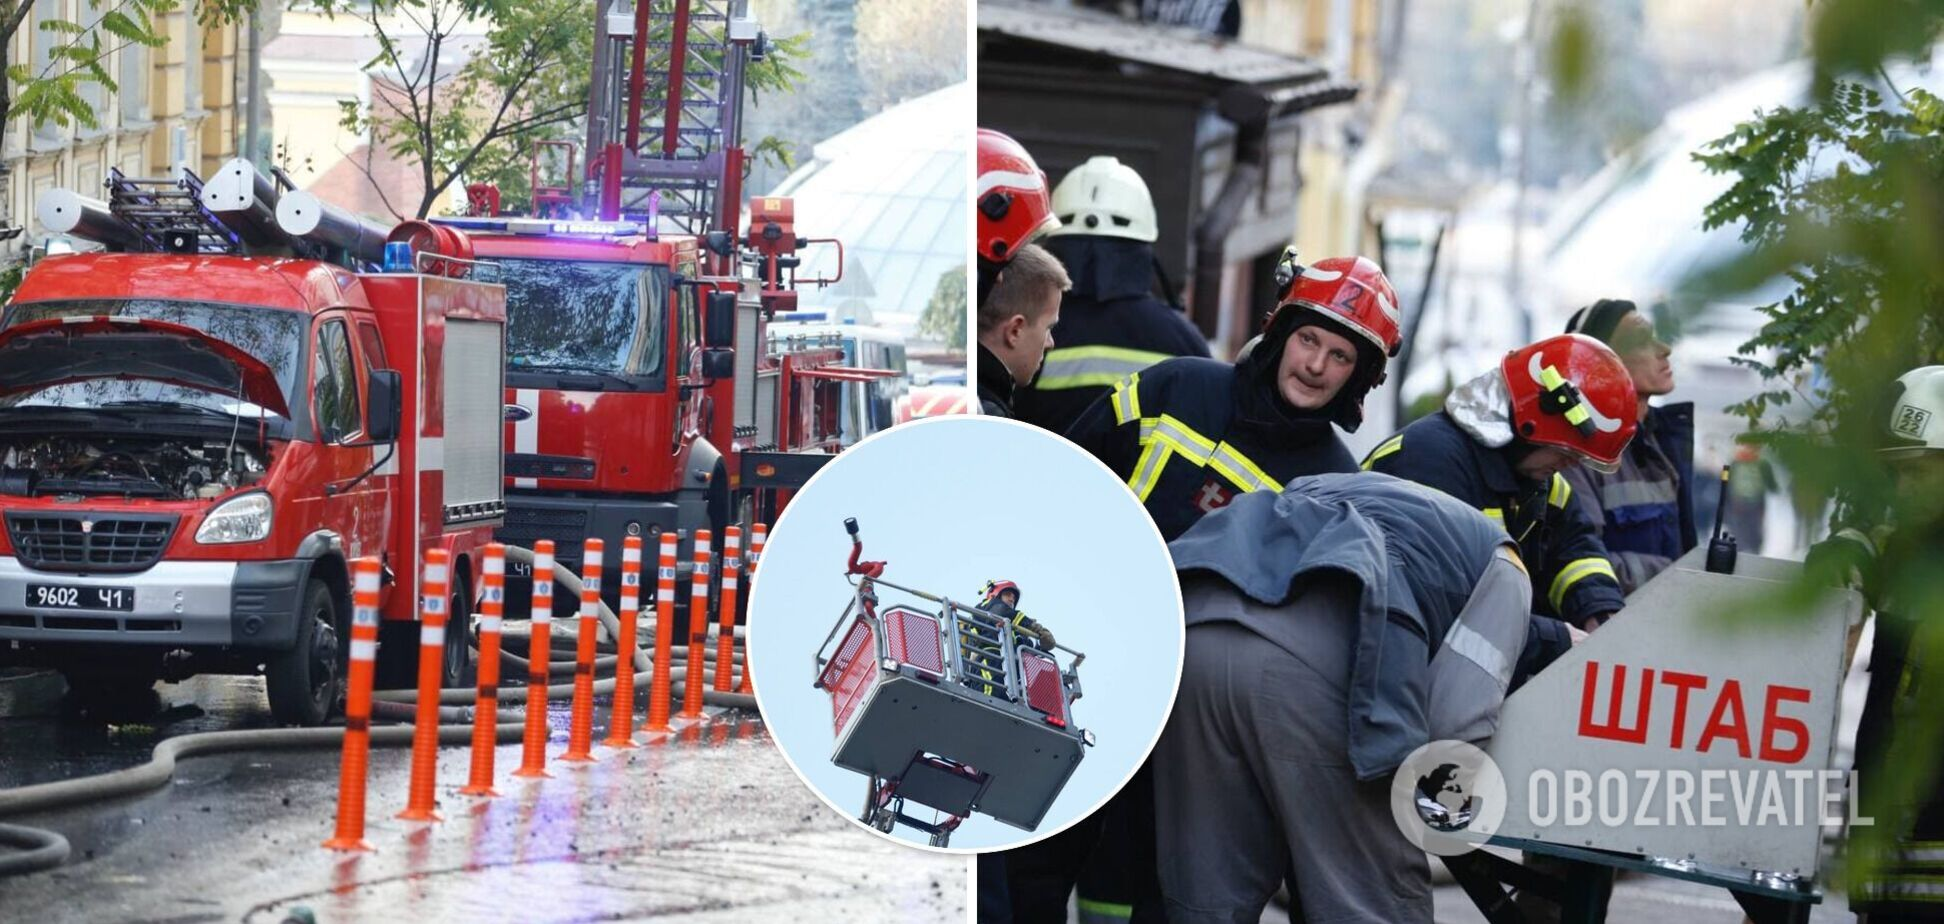 Для тушения пожара привлекли 10 единиц спецтехники и 39 спасателей